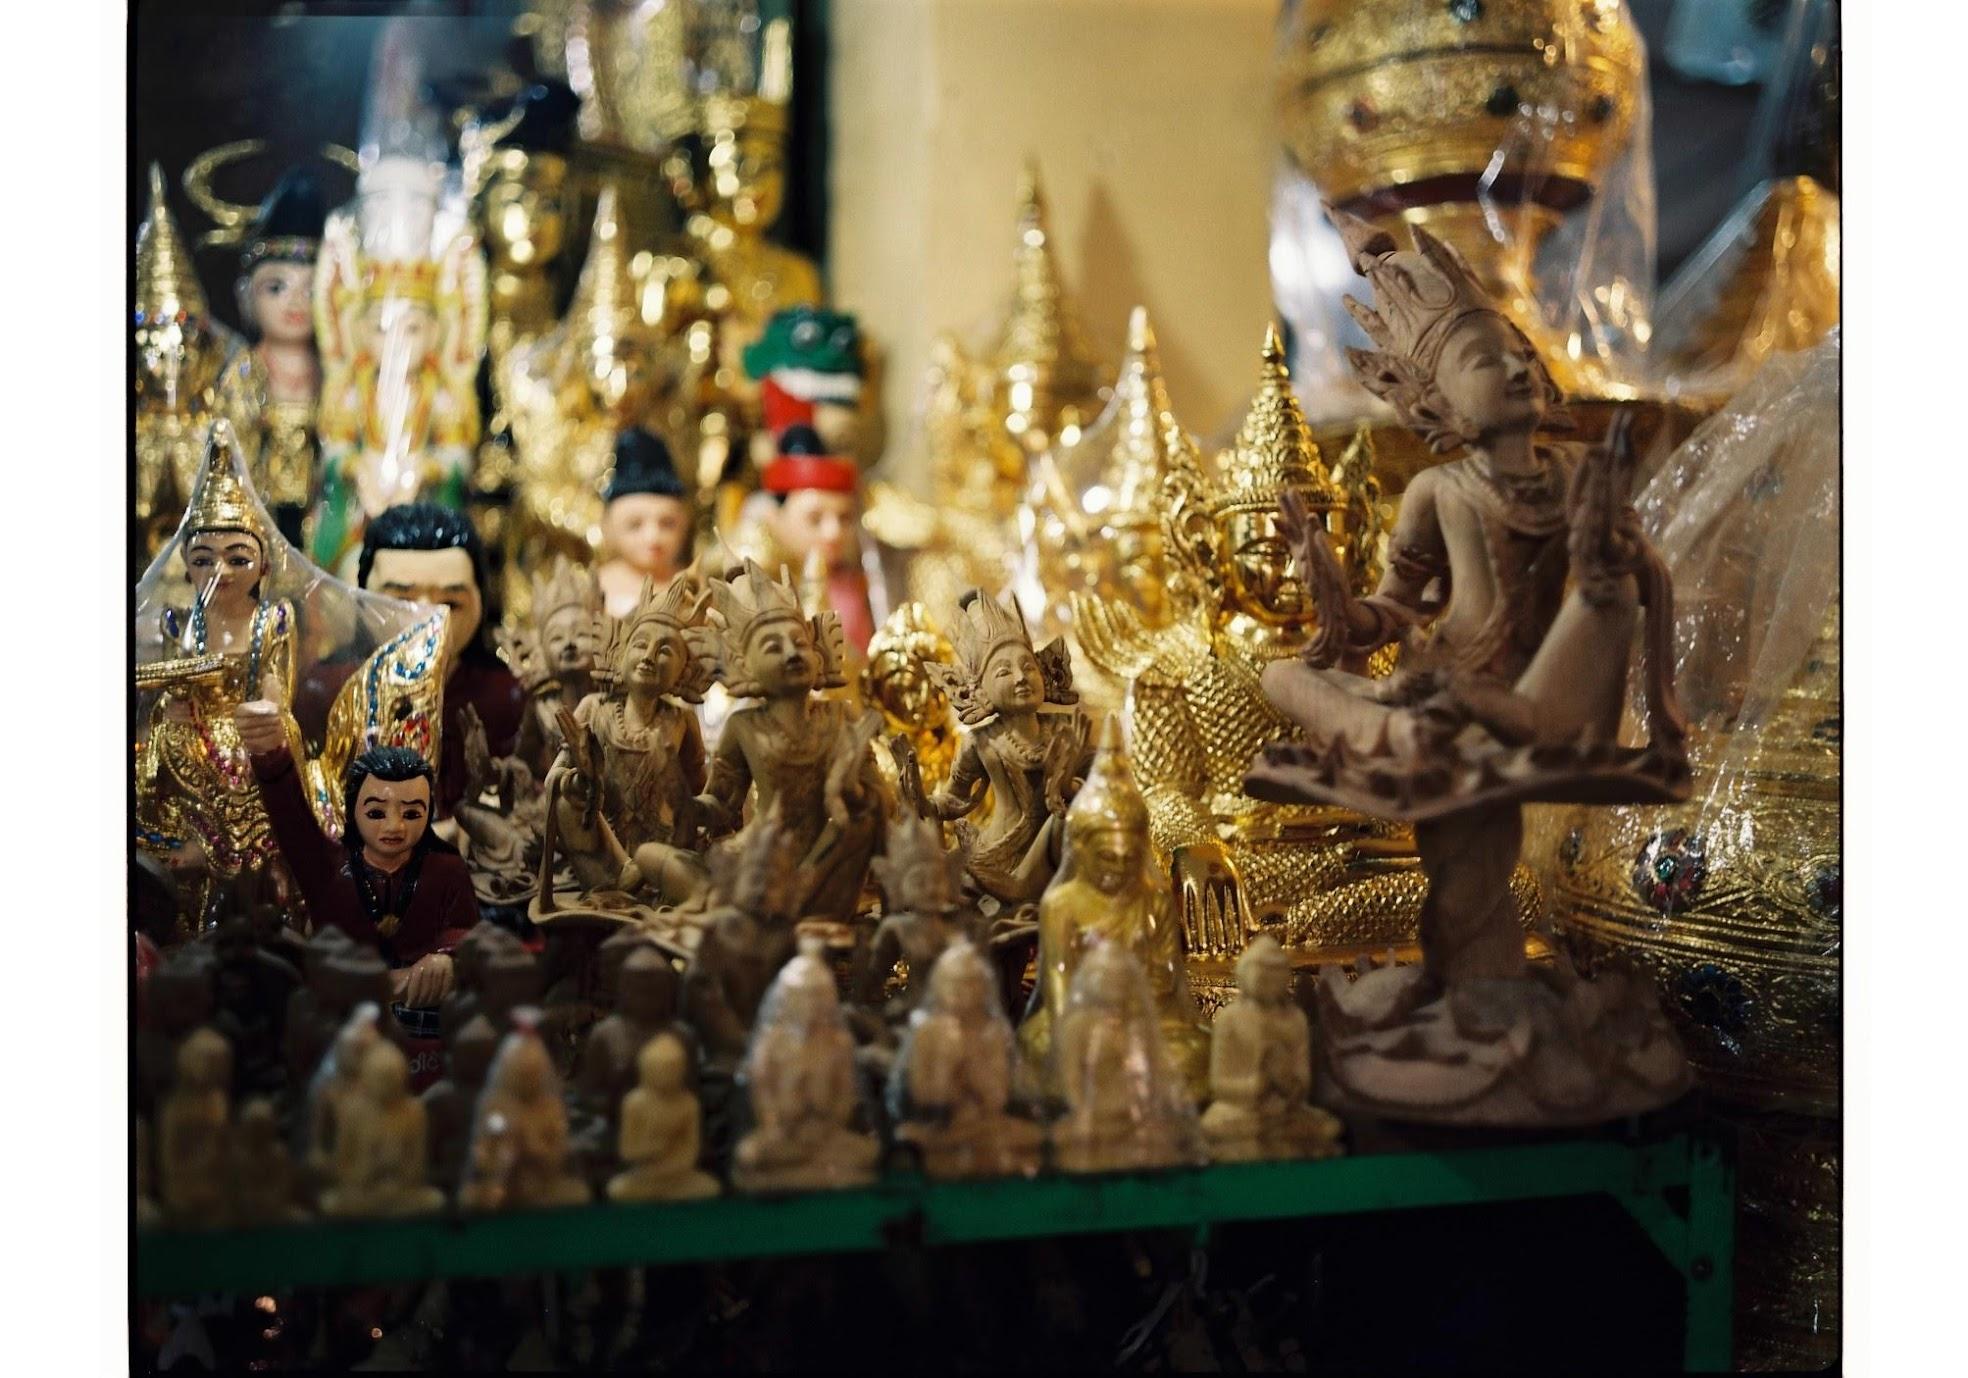 18일. 미얀마의 문화 예술